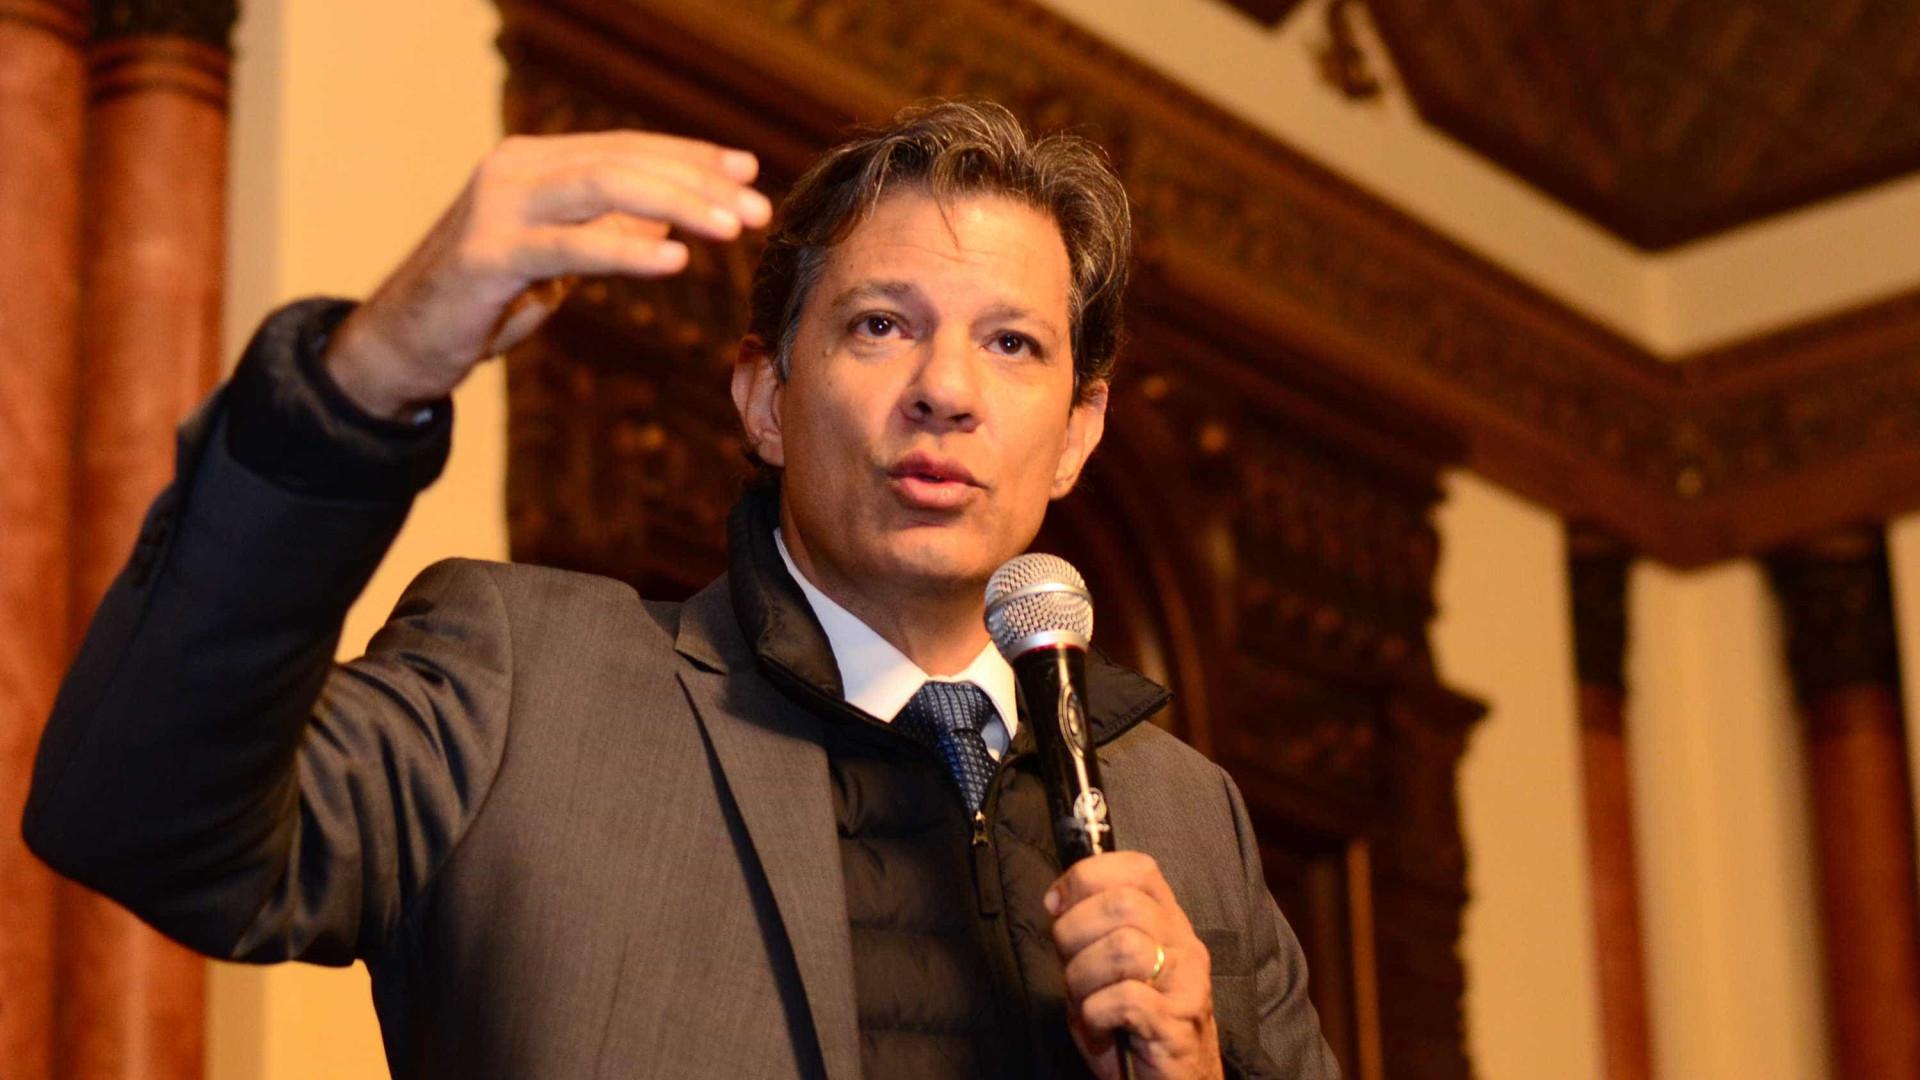 'Quem é o Bolsonaro pra julgar um educador?', diz Haddad em Portugal